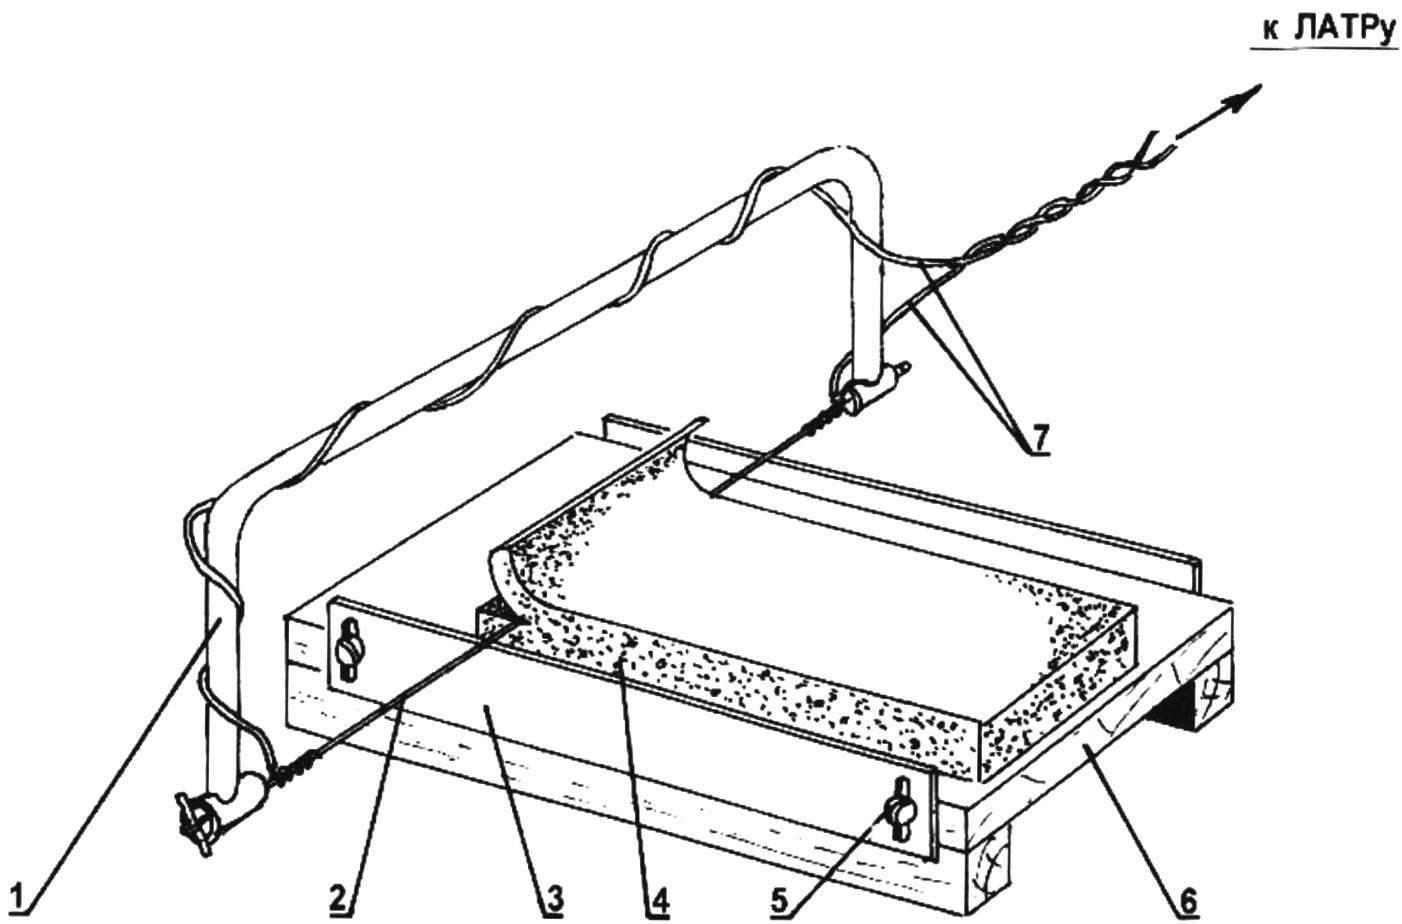 Как резать пенопласт или пеноплекс в домашних условиях без крошек?